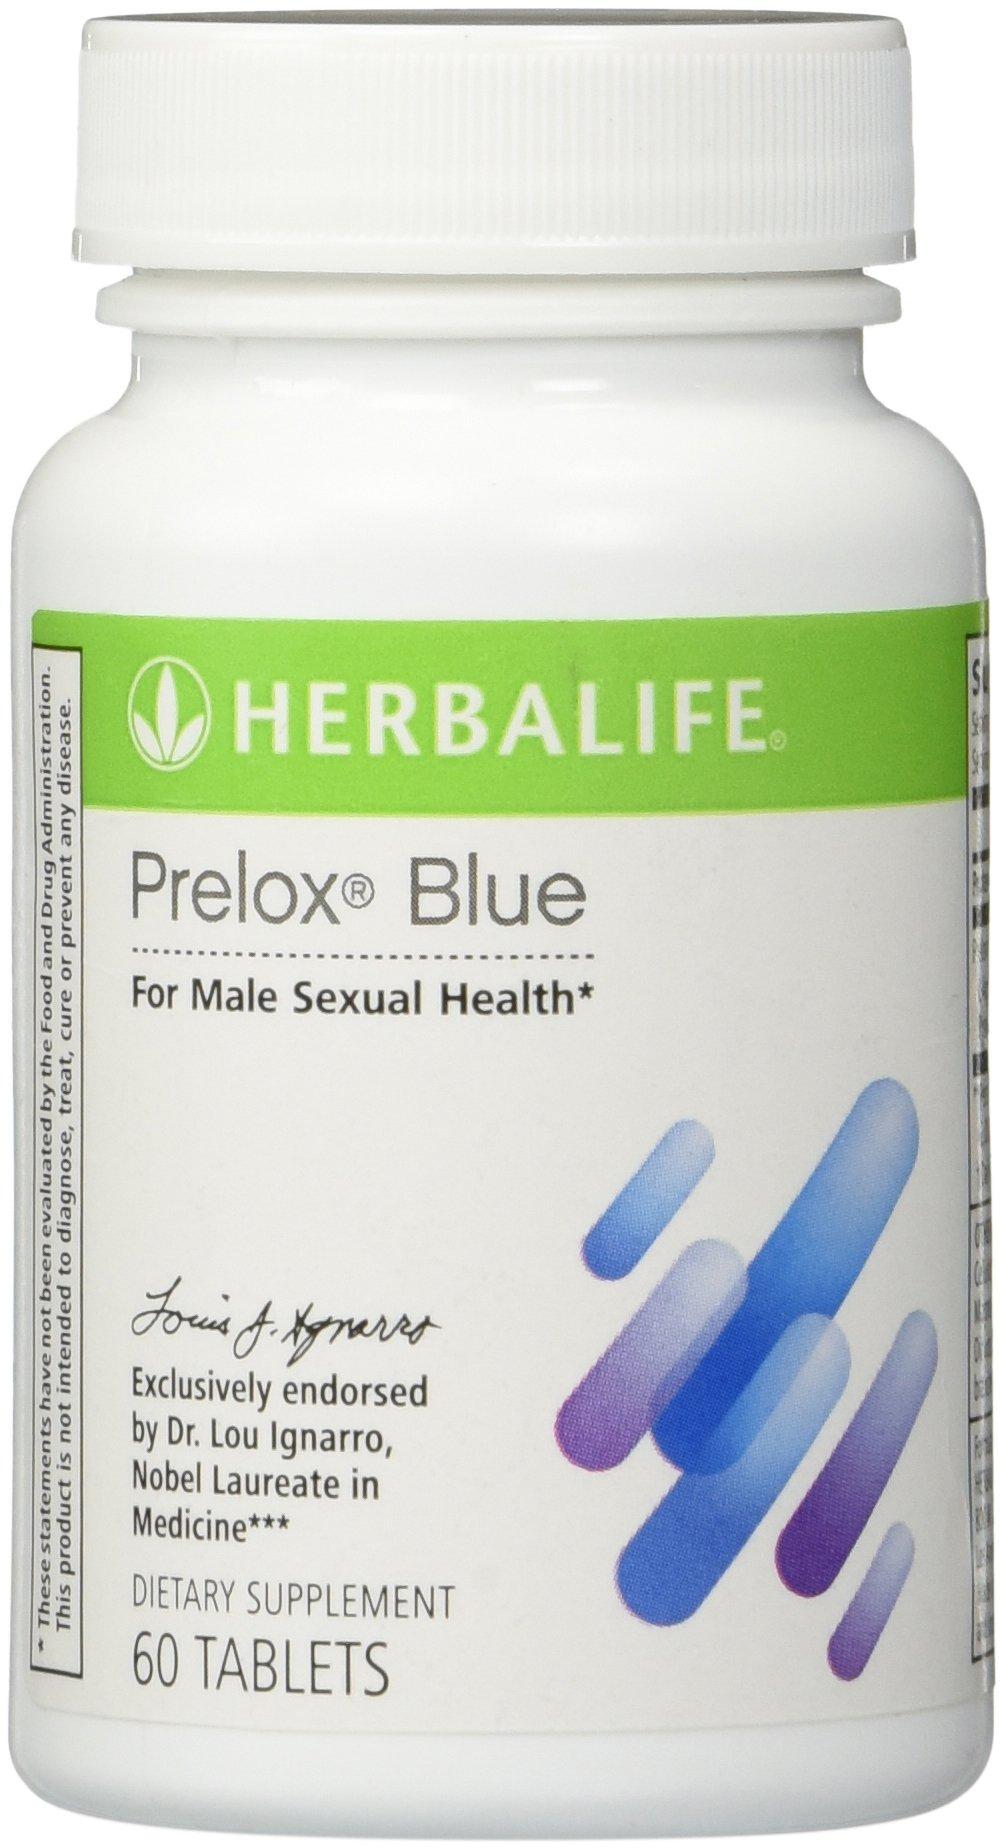 prelox blue herbalife benefits